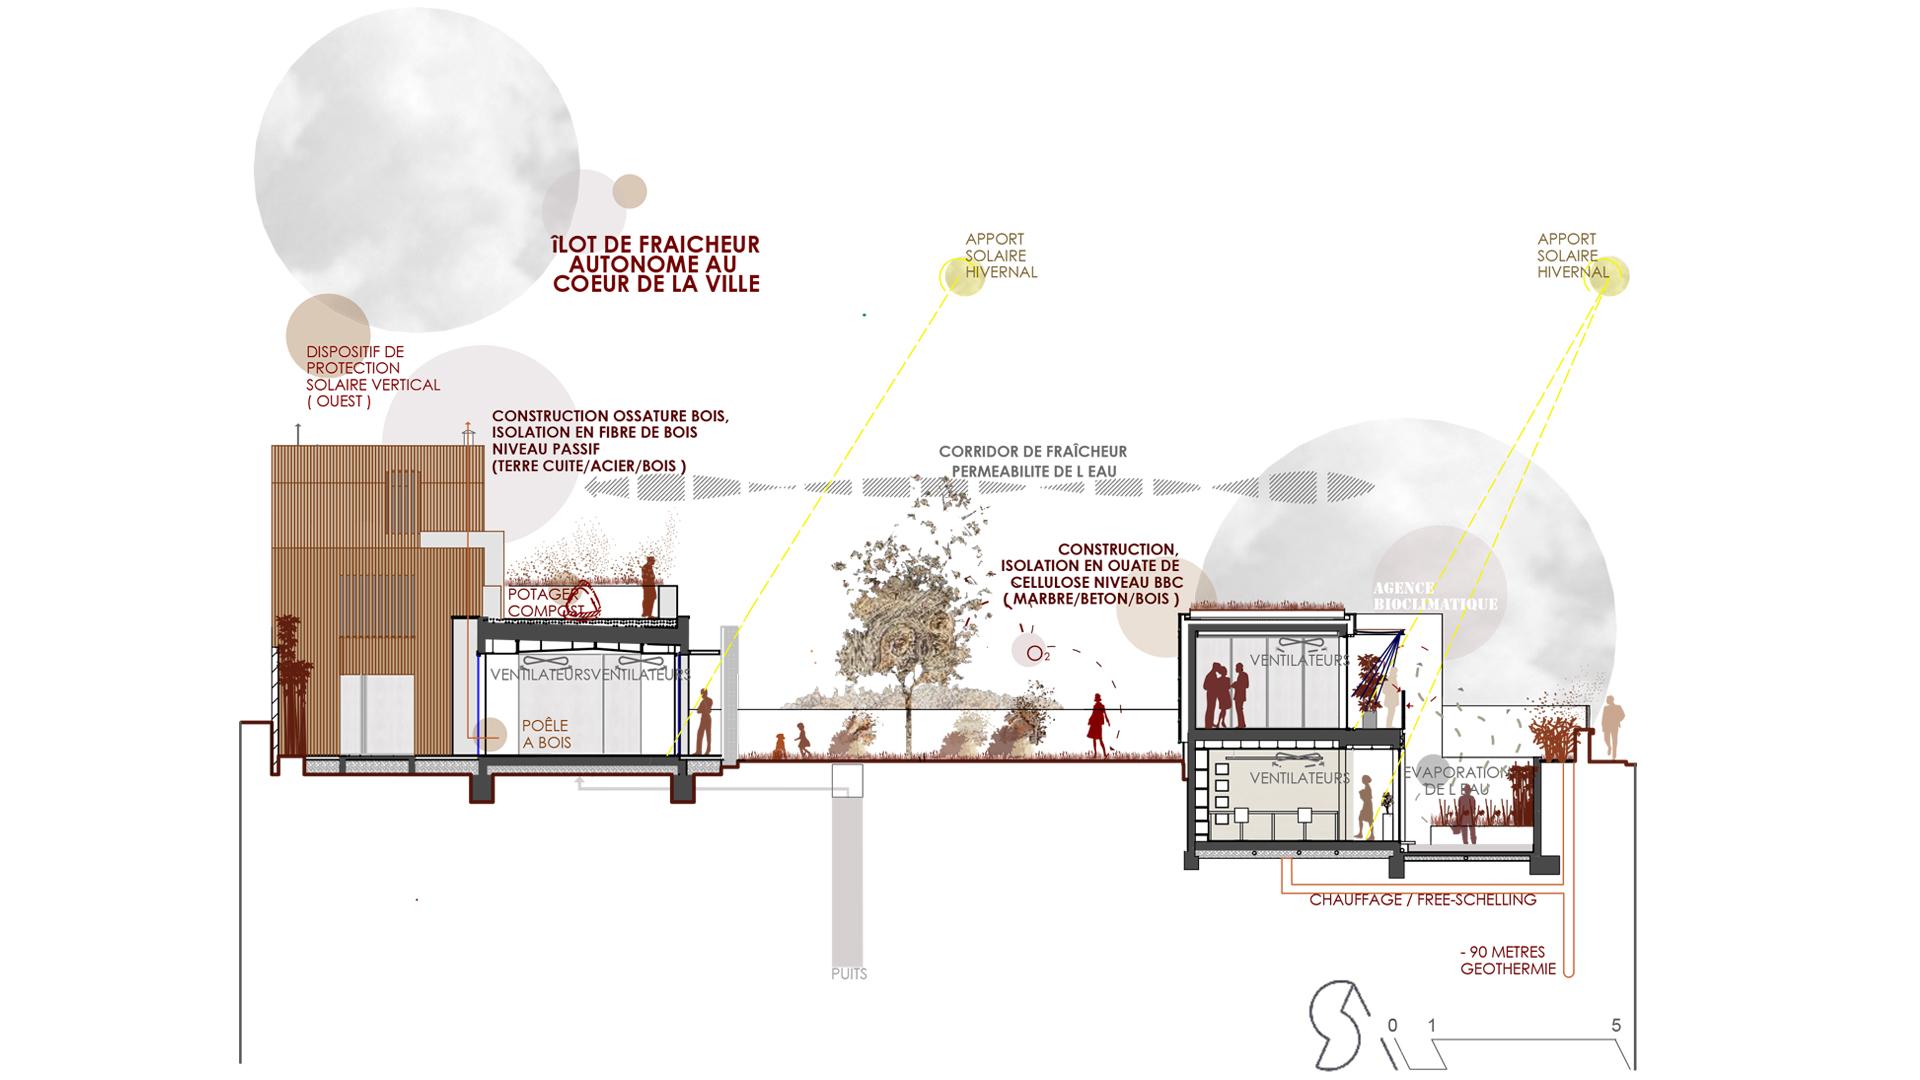 Coupe bioclimatique de la maison passive - Seuil architecture